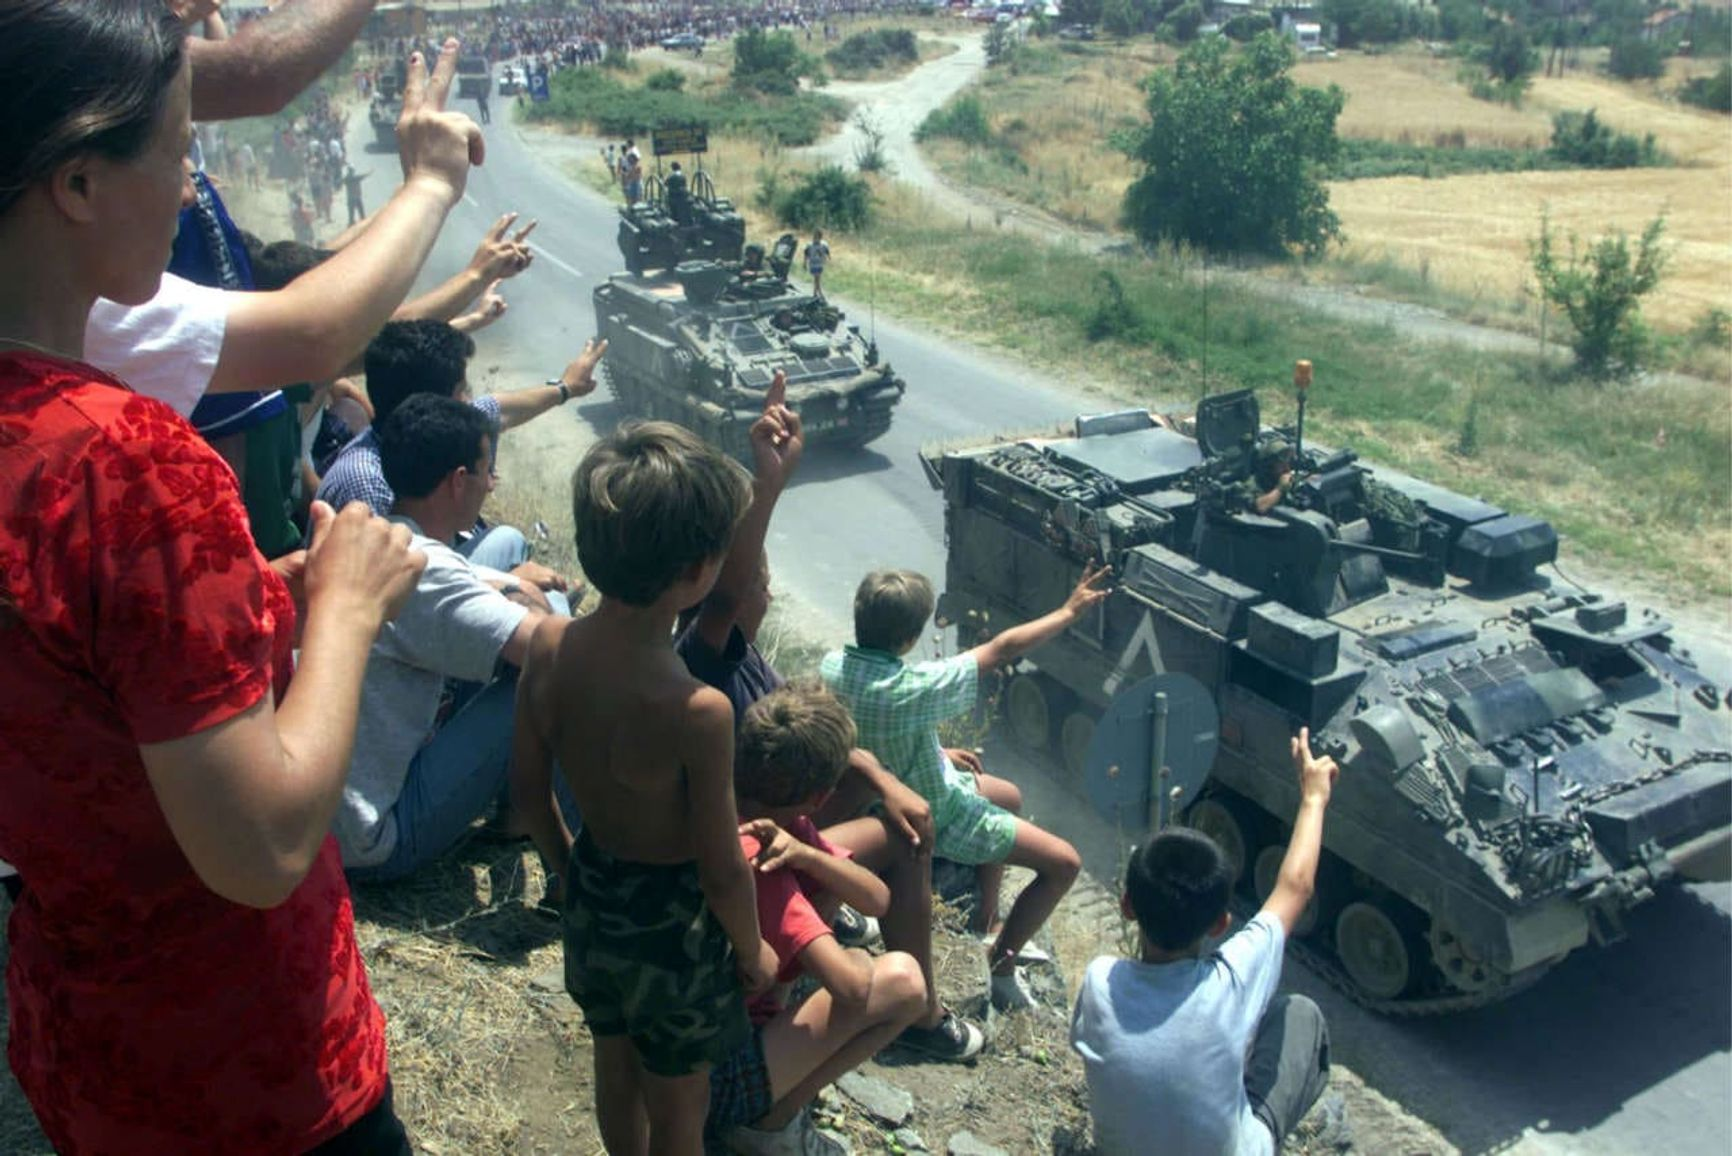 С 1999 года НАТО руководит операцией по поддержанию мира в Косово, в соответствии с мандатом резолюции 1244 Совета Безопасности ООН